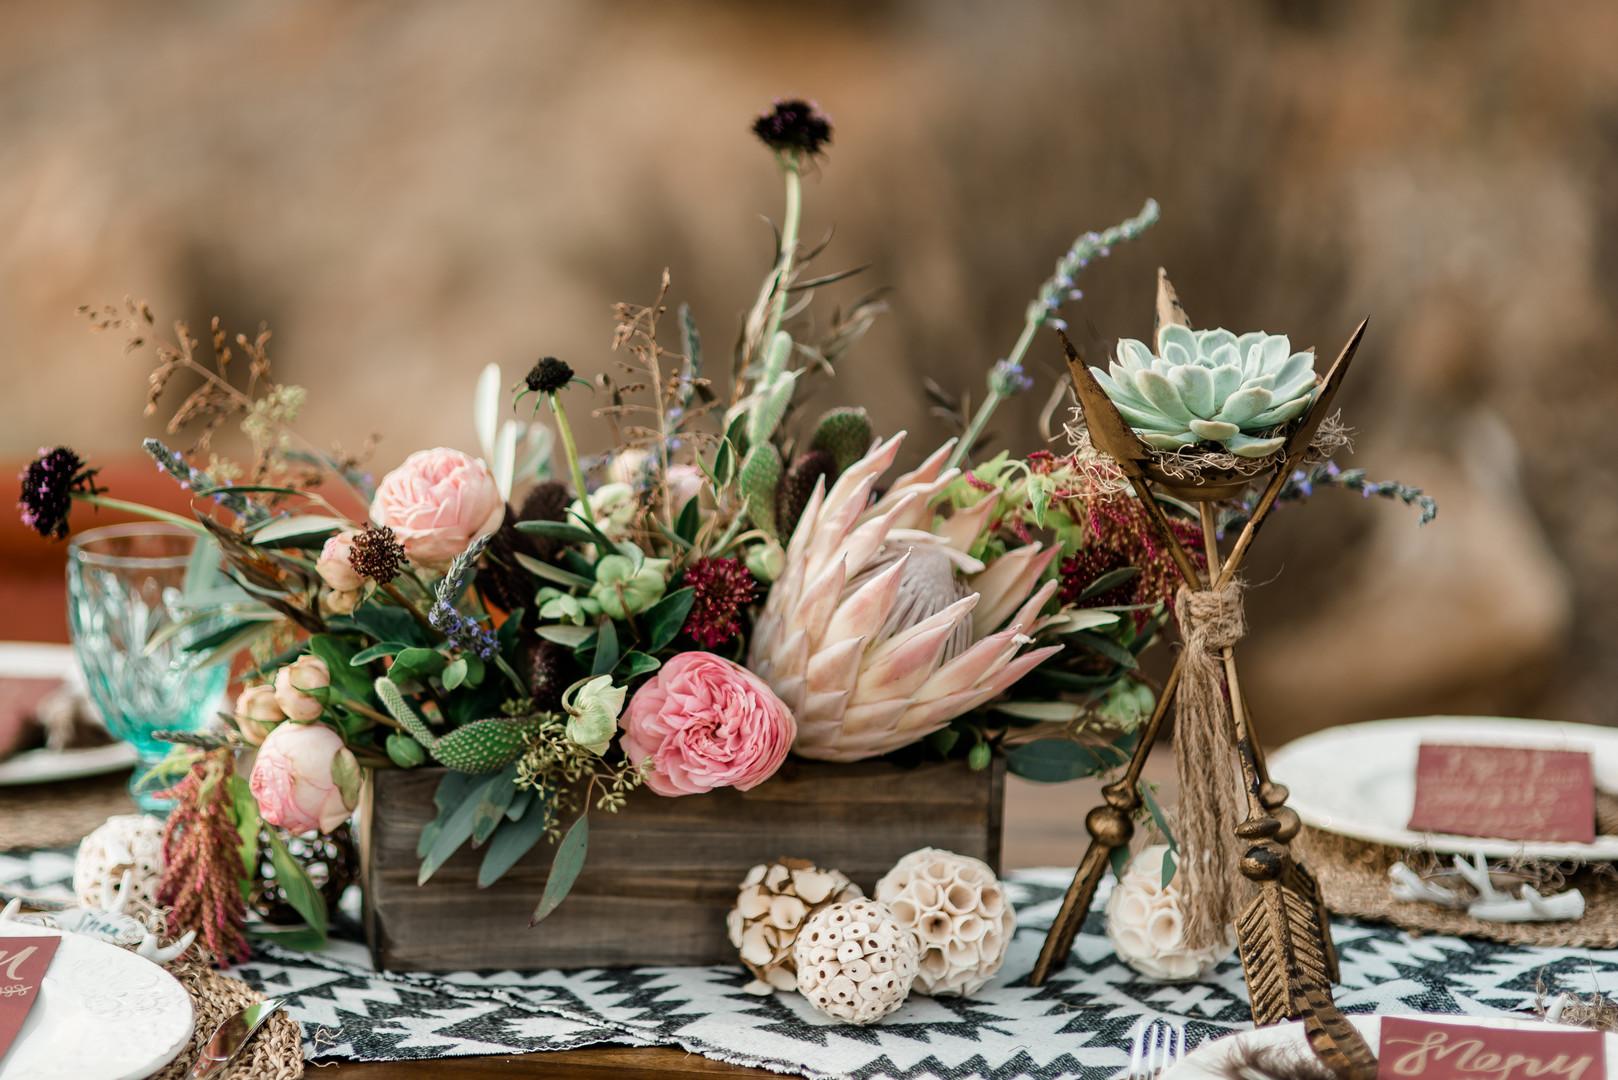 bröllop+dukning+blogg+inspiration